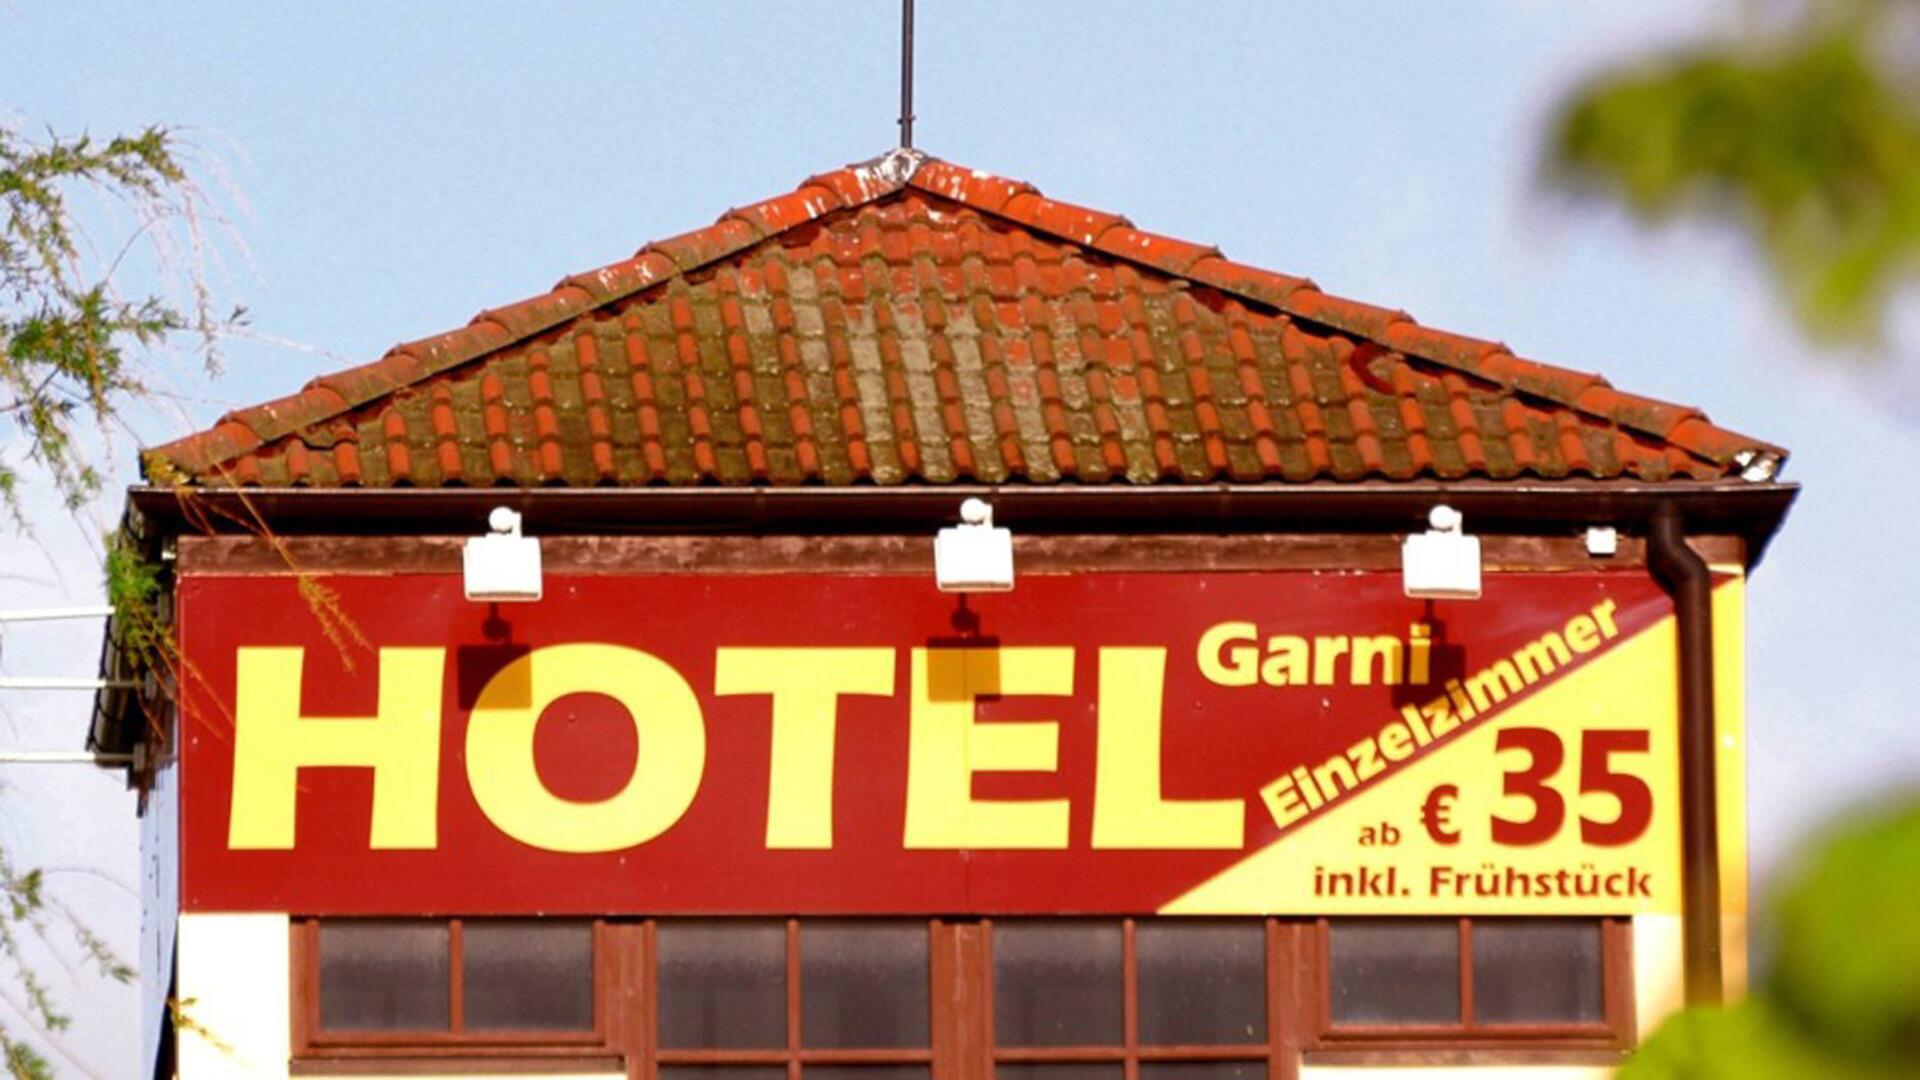 Bild zu Hotel Garnis bieten nur Frühstück an.